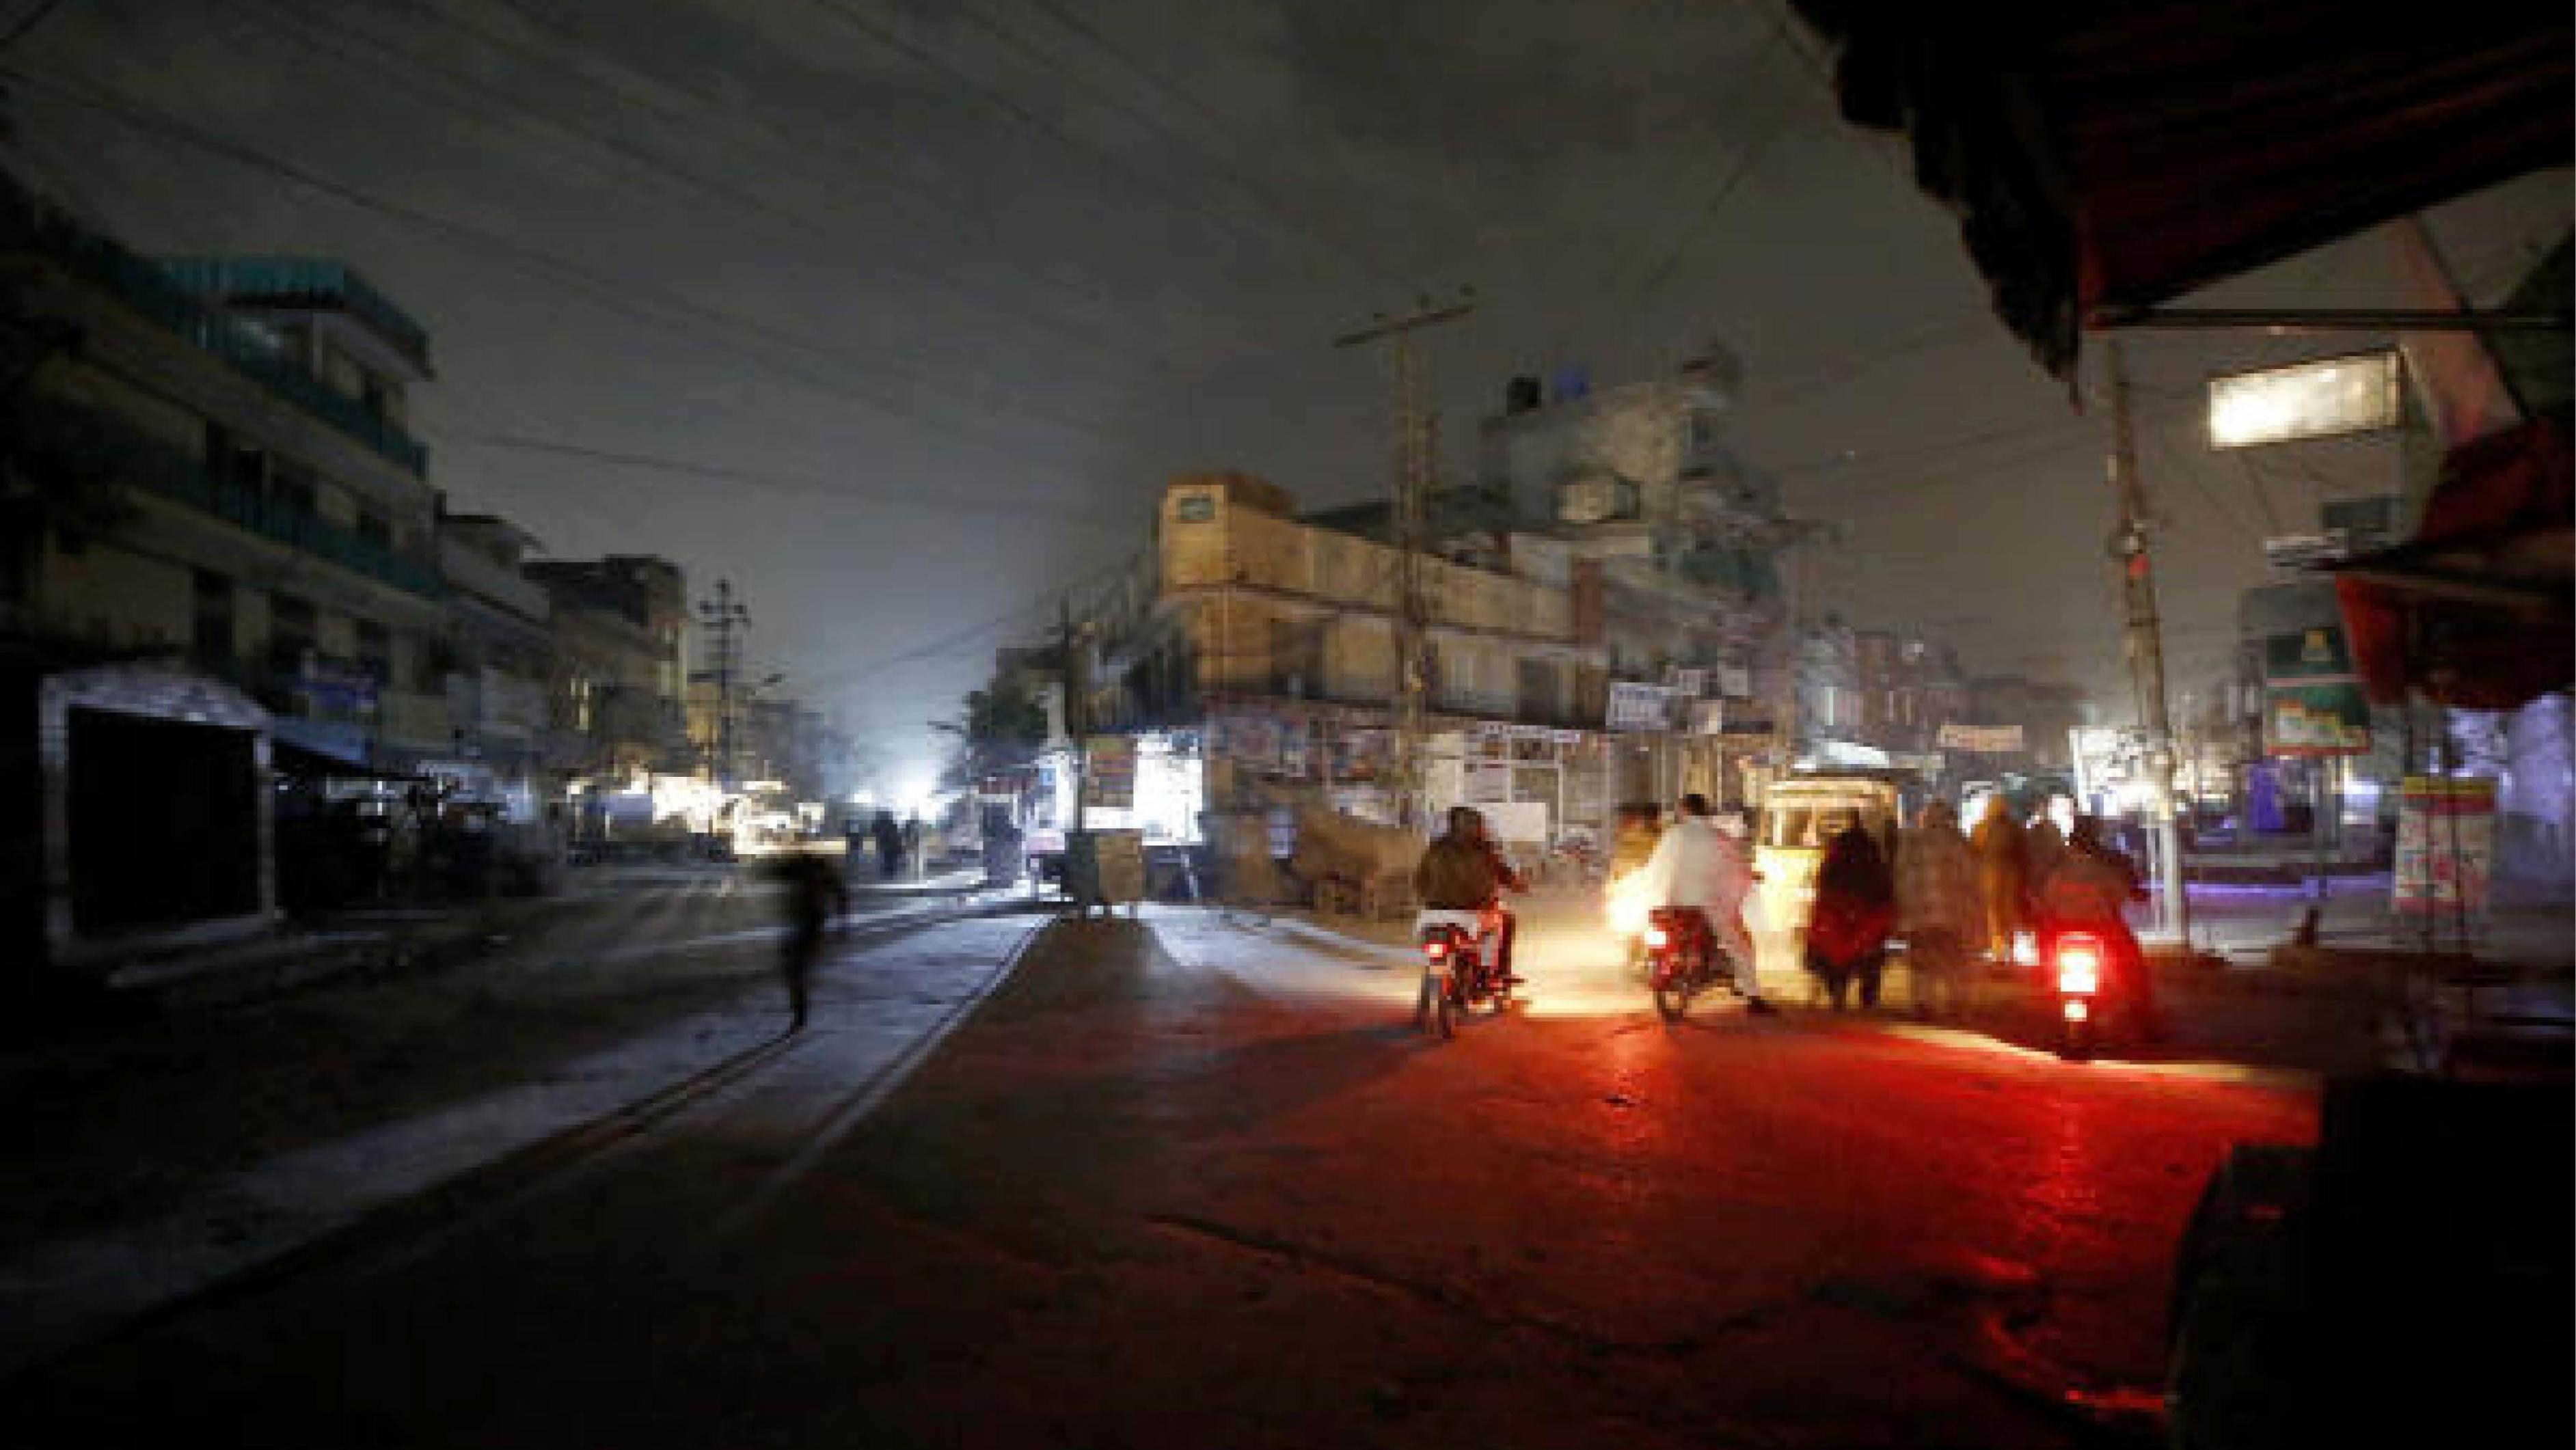 আঁধারে ডুবে পাকিস্তানের রাস্তা। ছবি: পিটিআই